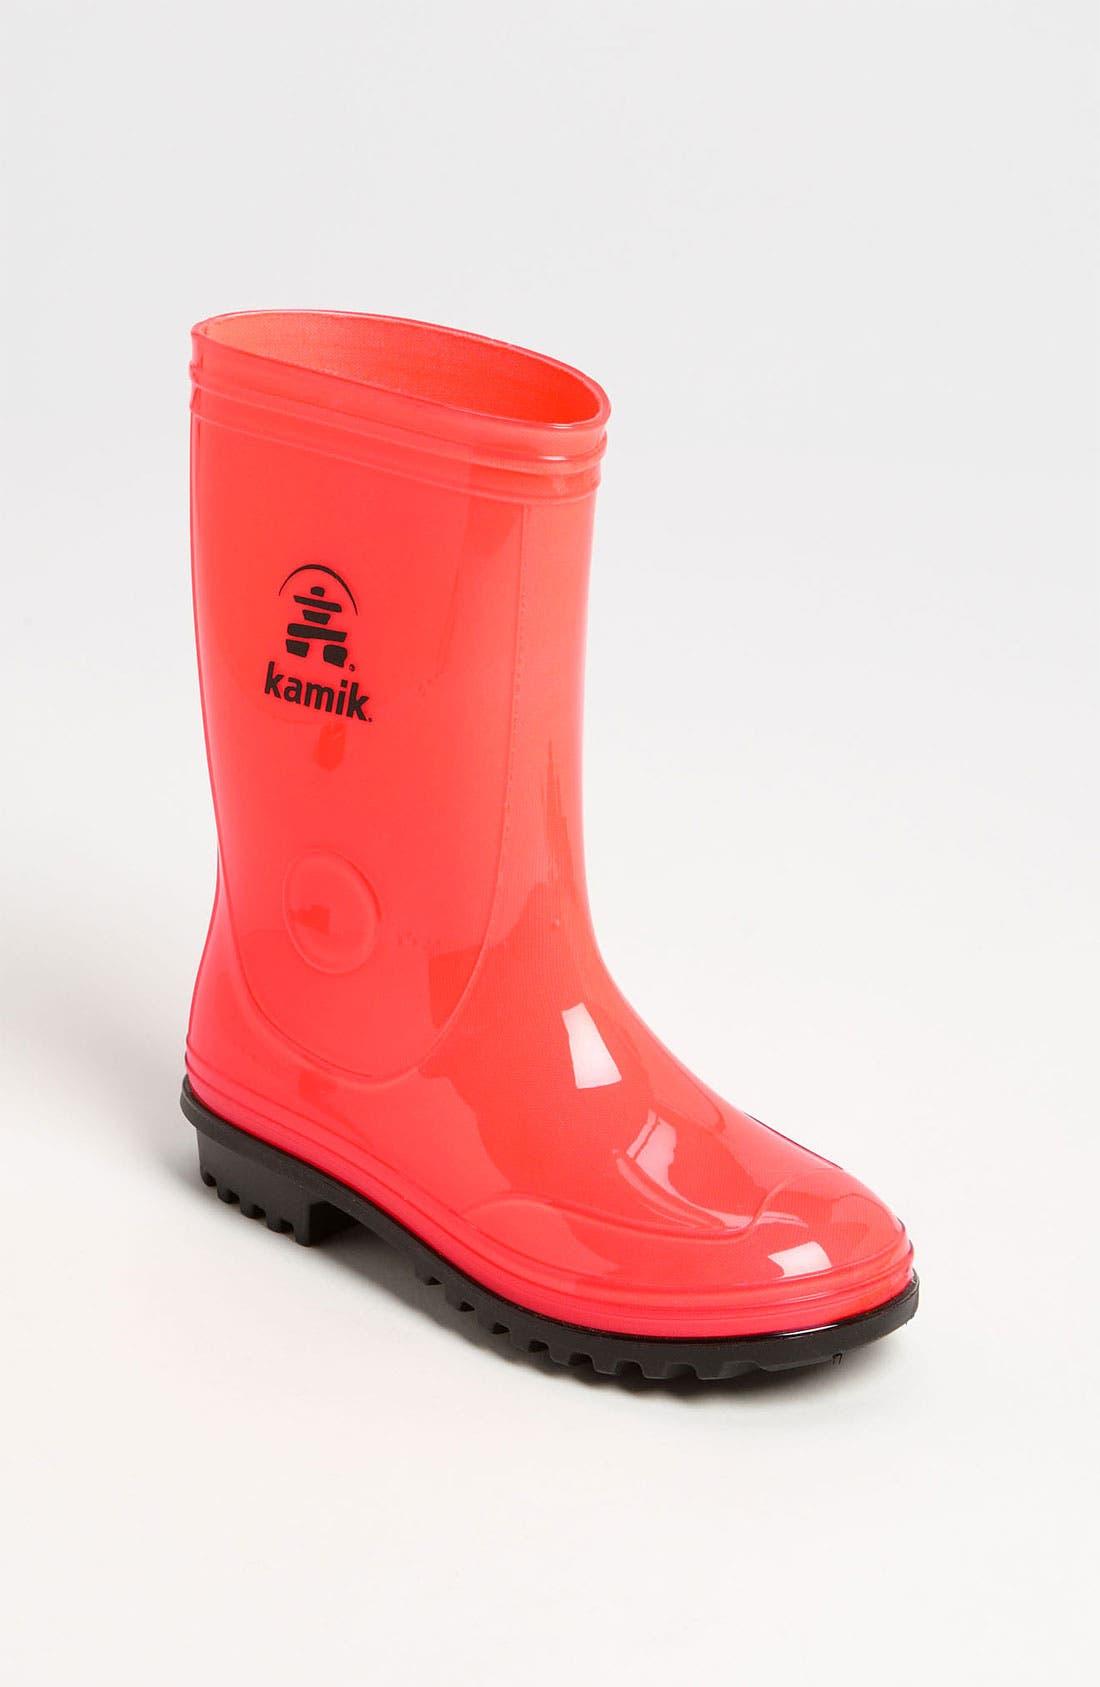 Alternate Image 1 Selected - Kamik 'Sunshower' Rain Boot (Toddler & Little Kid)